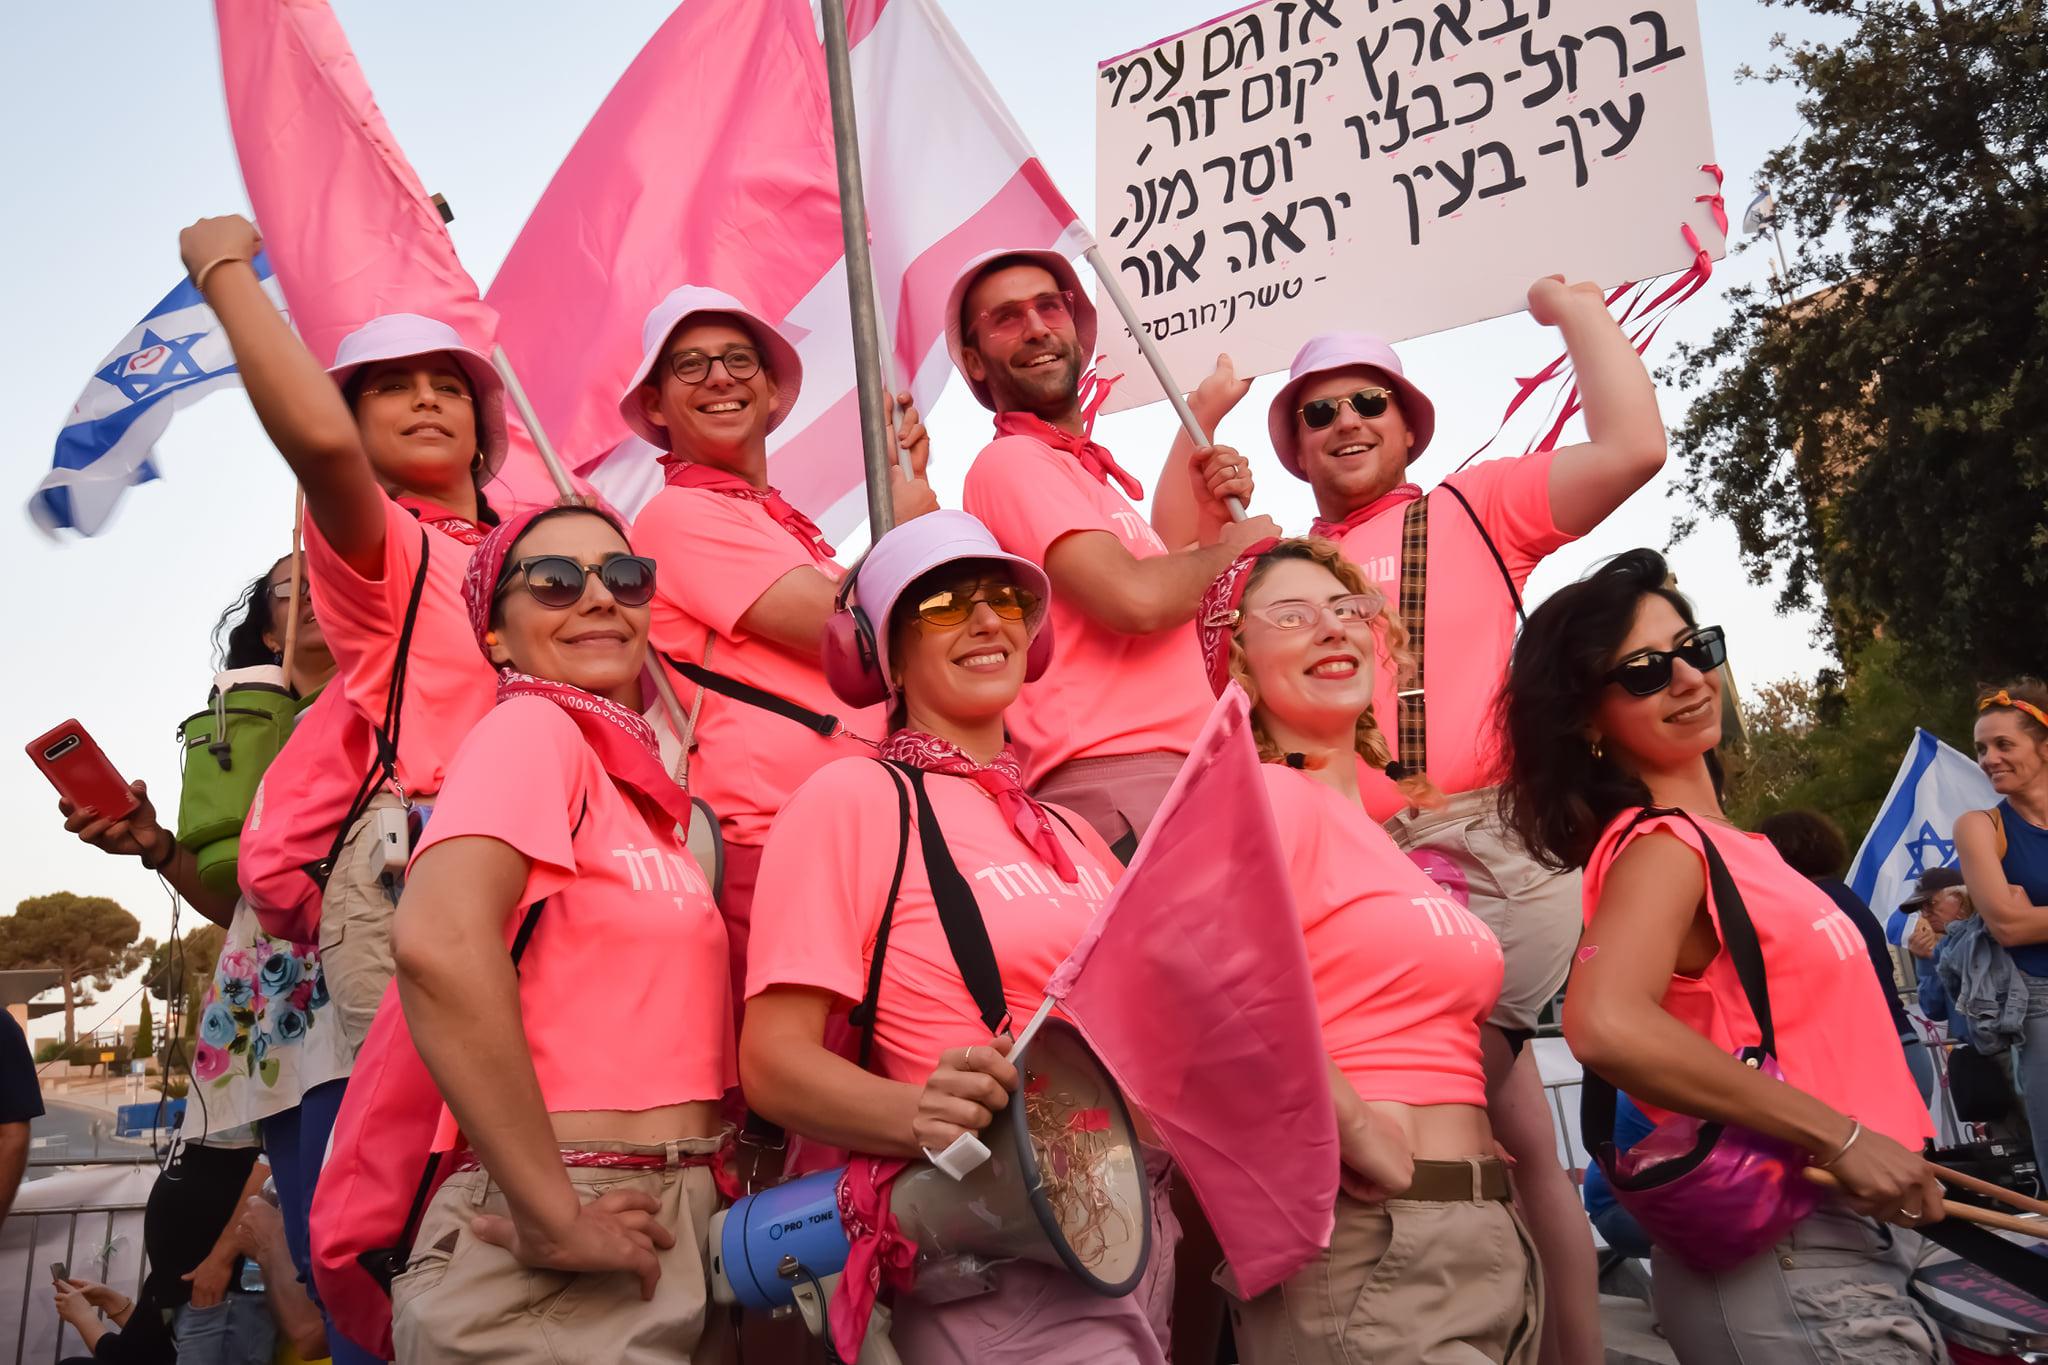 החזית הוורודה נערכת להשבעת הממשלה בכנסת (צילום: גלעד בשן)